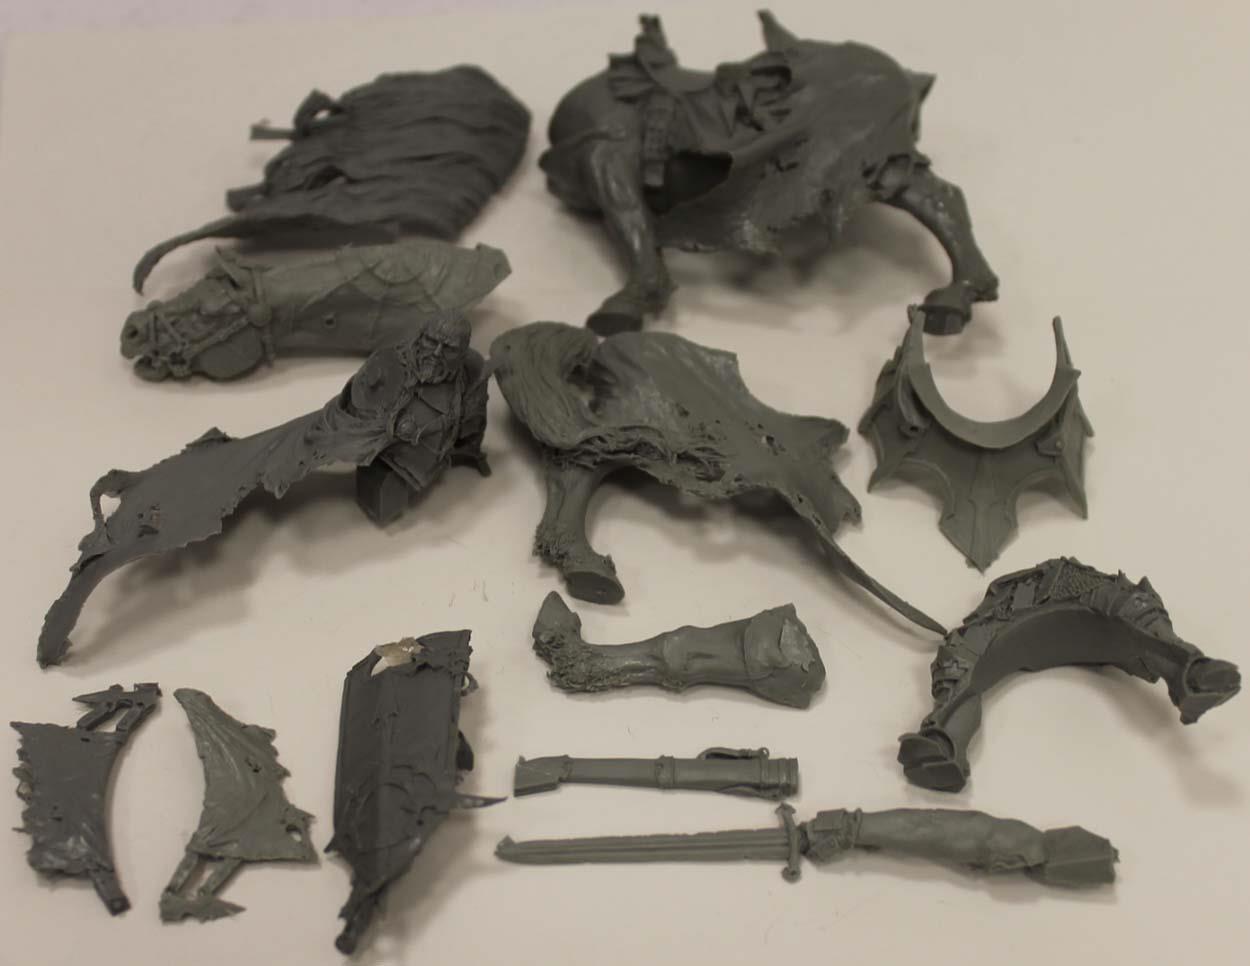 grandes ofertas Cmon Suelto Suelto Suelto Mini 72mm Chaos Knight (edición Limitada)  1 casi como nuevo  70% de descuento